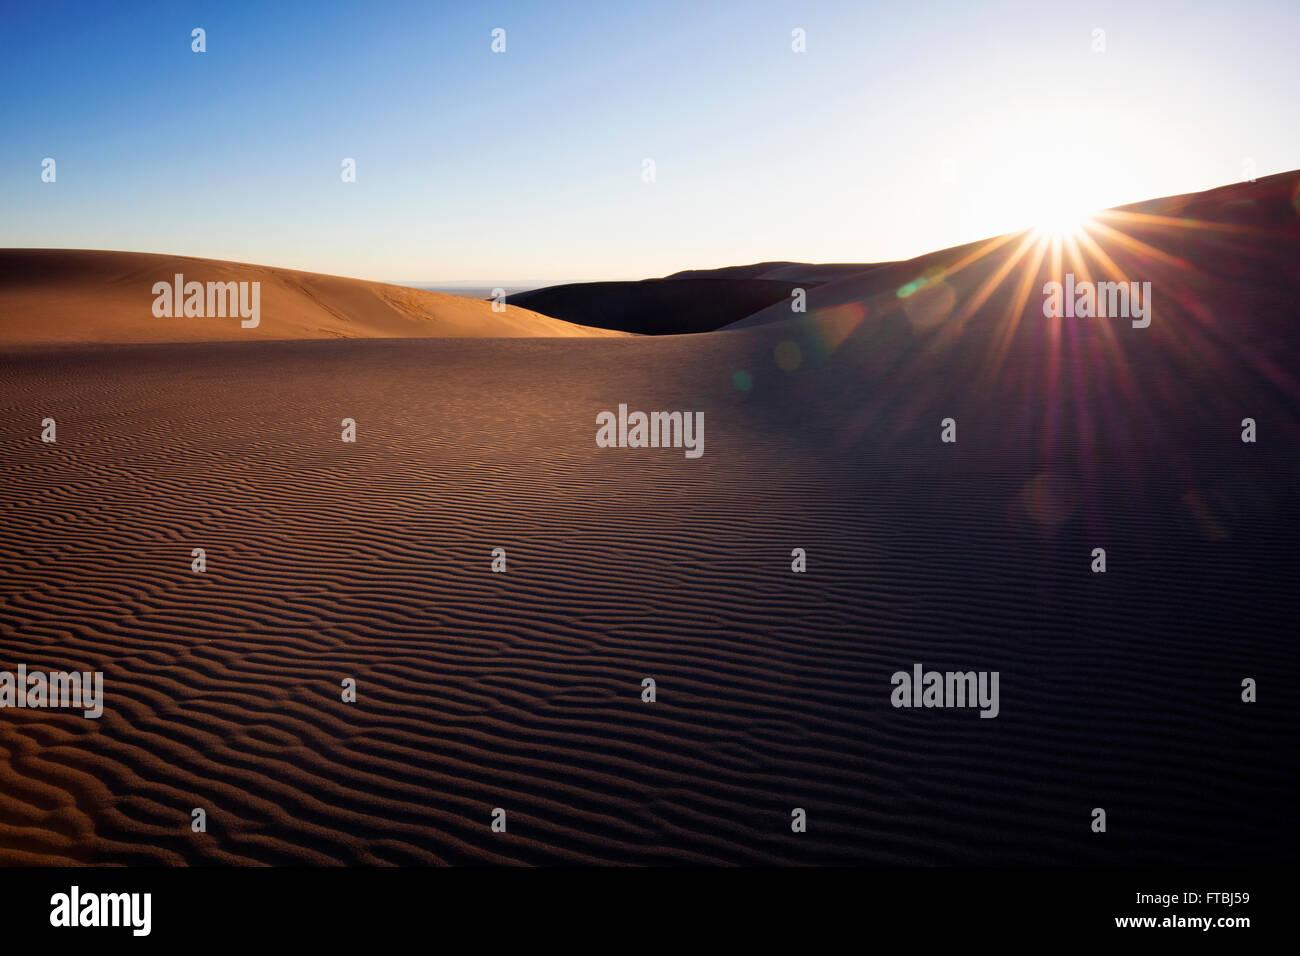 La lumière du soleil avec un pic plus dune de sable du désert à distance. Great Sand Dunes National Photo Stock